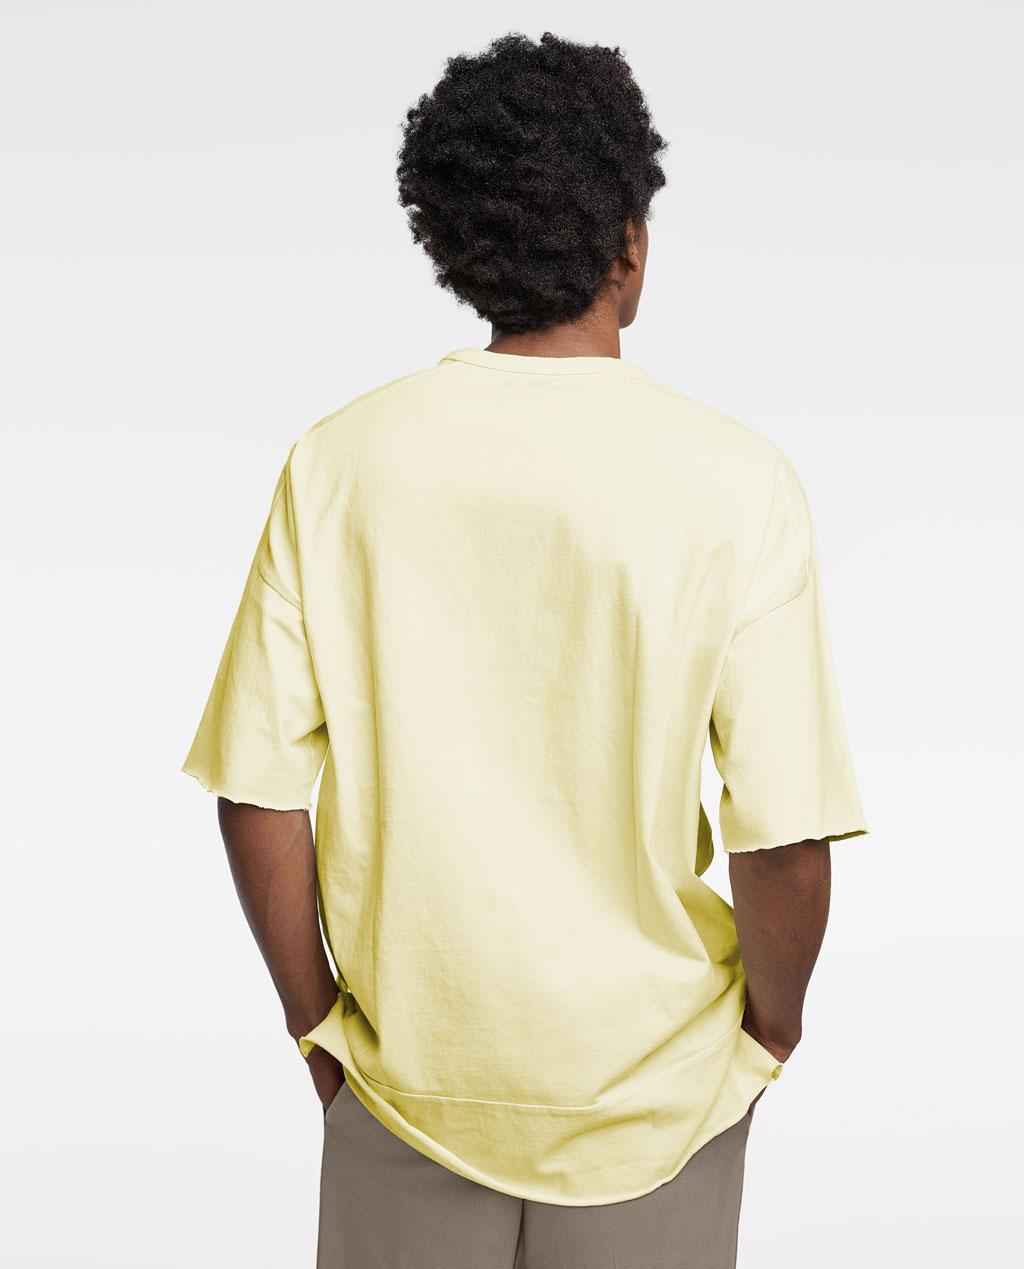 Thời trang nam Zara  24015 - ảnh 5